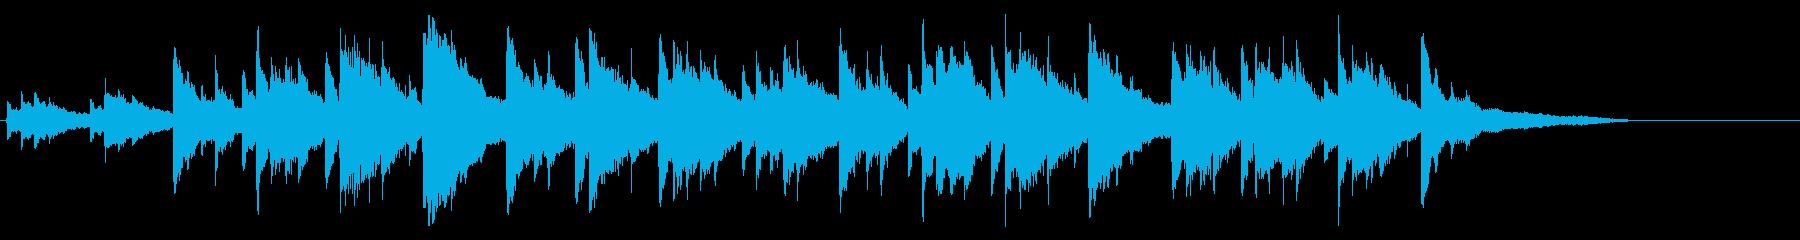 夕星の歌(ワーグナー)*ピアノ独奏の再生済みの波形